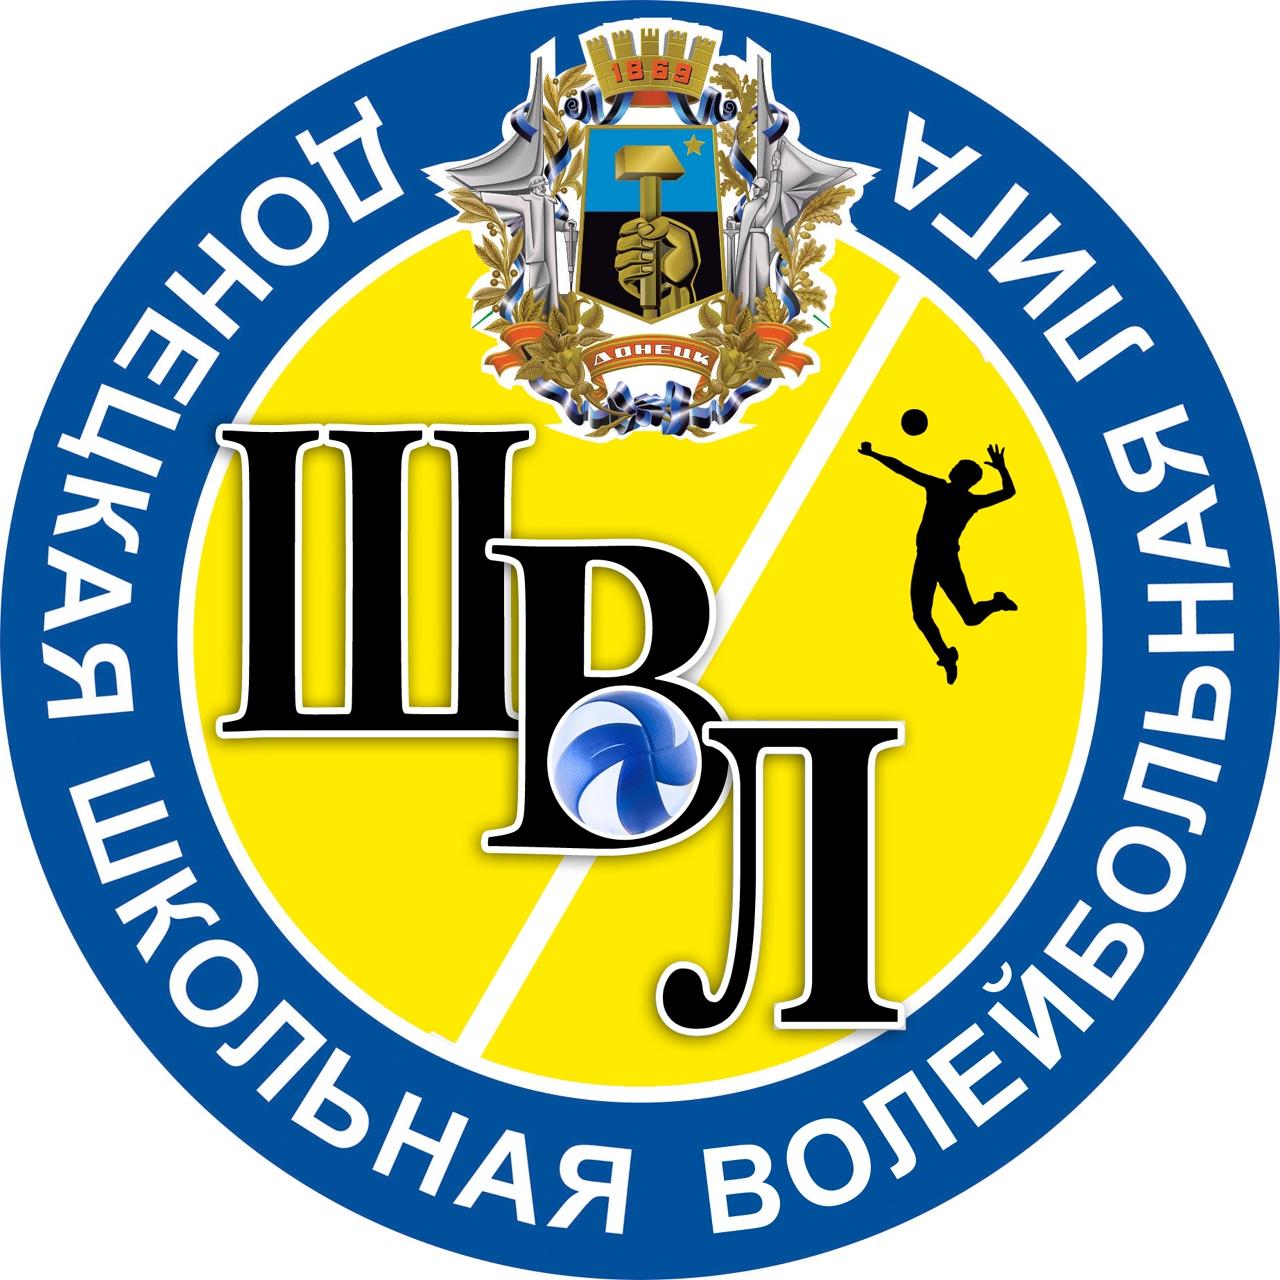 Завершились финальные игры Школьной волейбольной лиги среди юношей